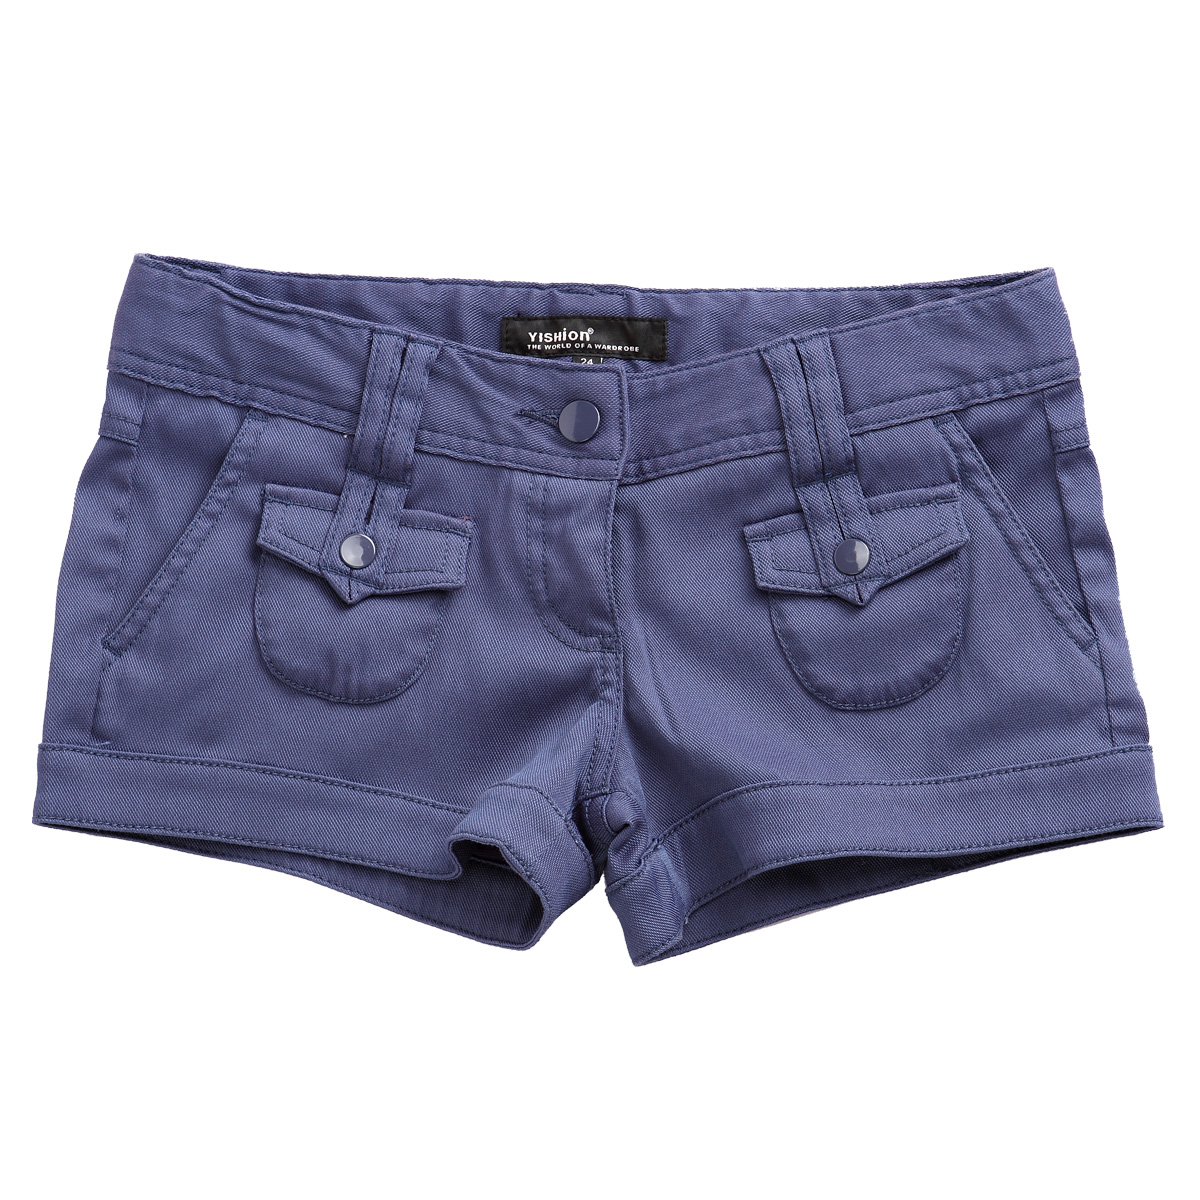 Женские брюки Yishion 49220516w 2011 129 Шорты, мини-шорты Прямые